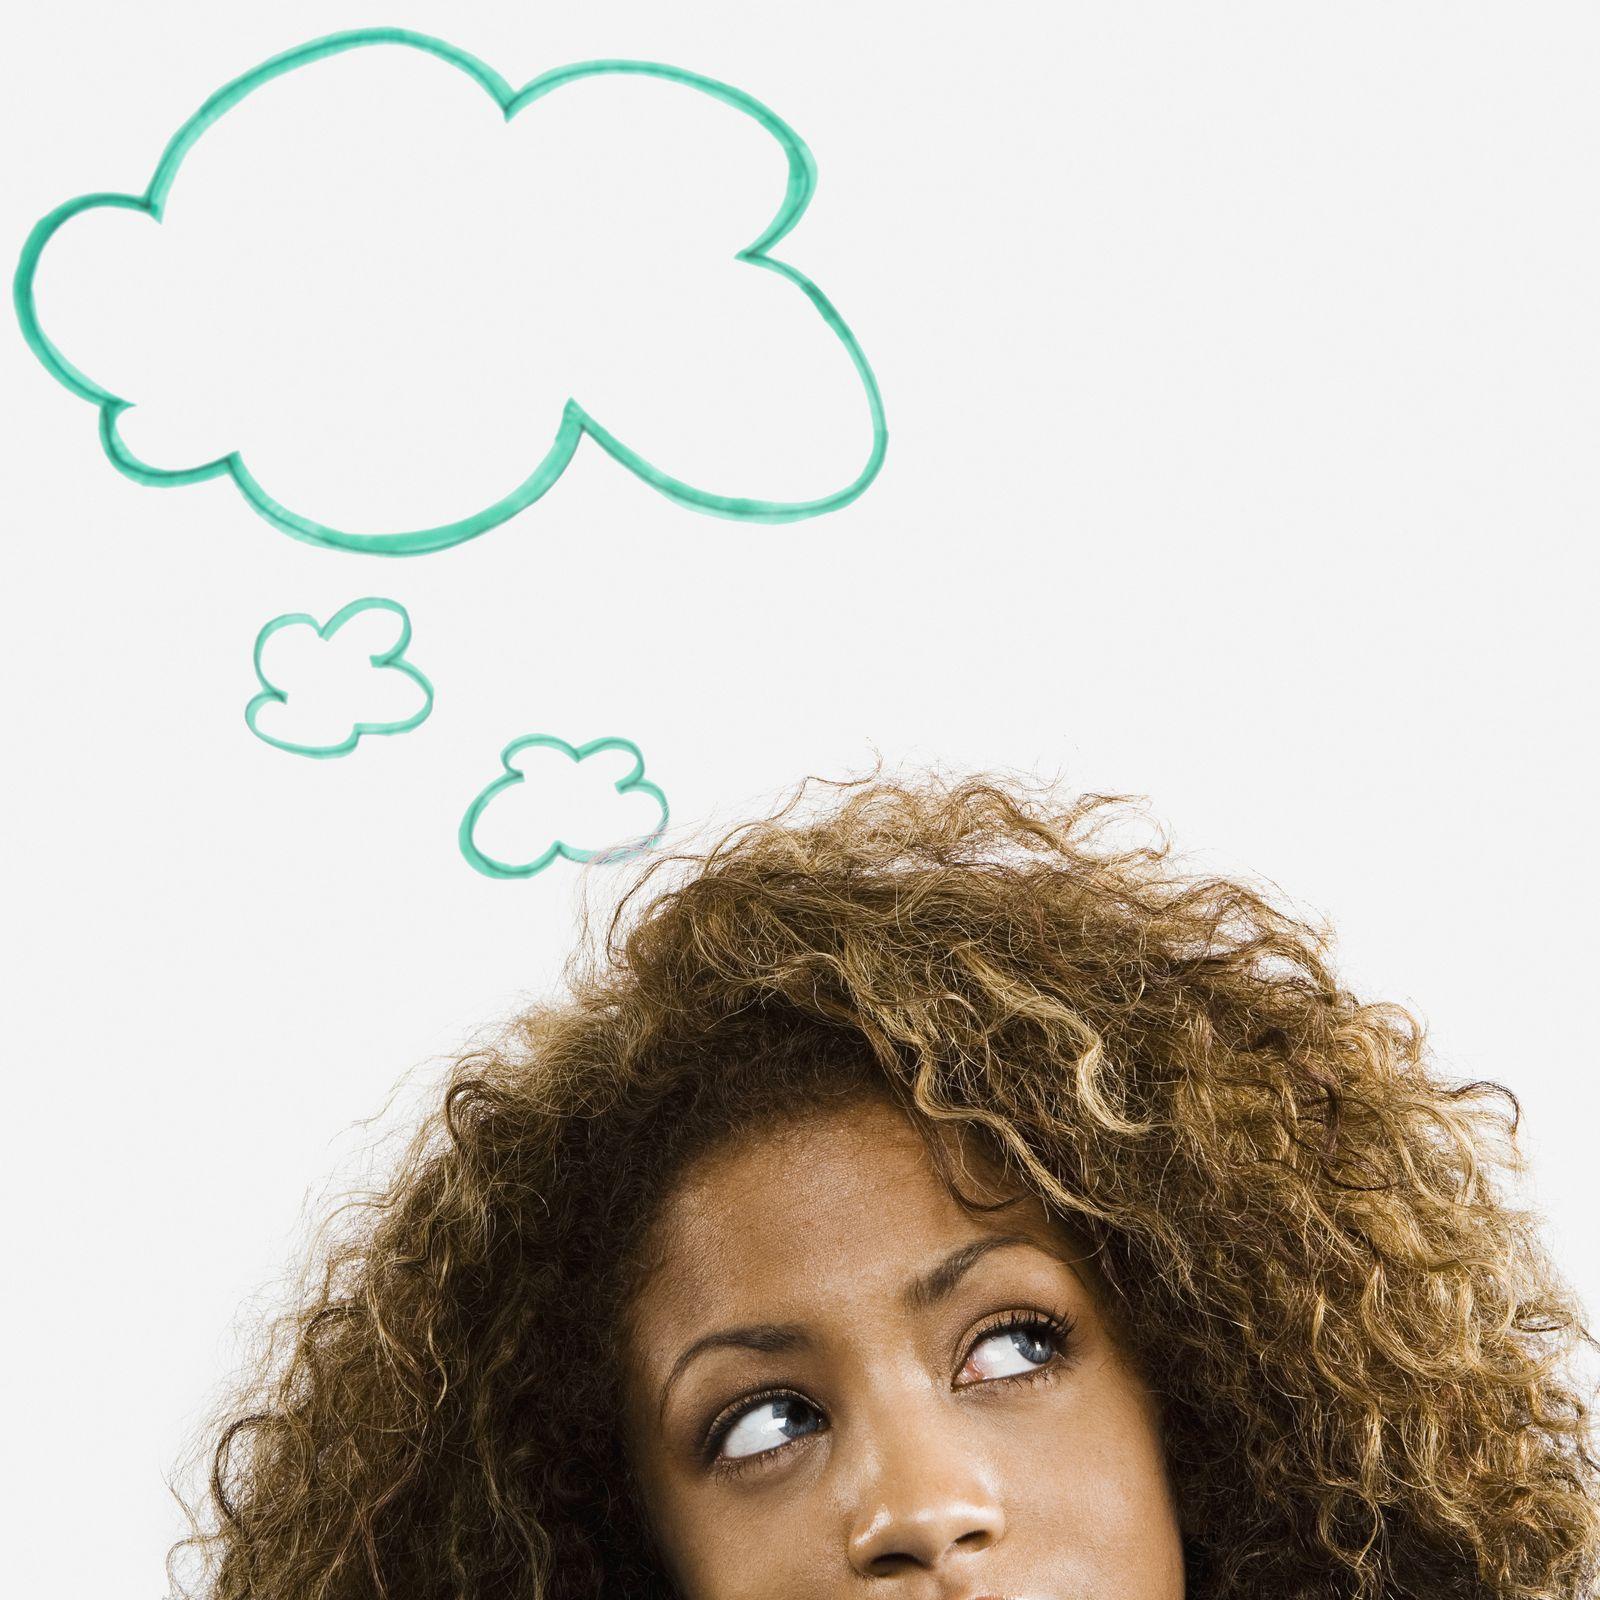 NICHT MEHR VERWENDEN! - Symbolbild / Denken / Kreativität / Denkblase / Grübeln NEU